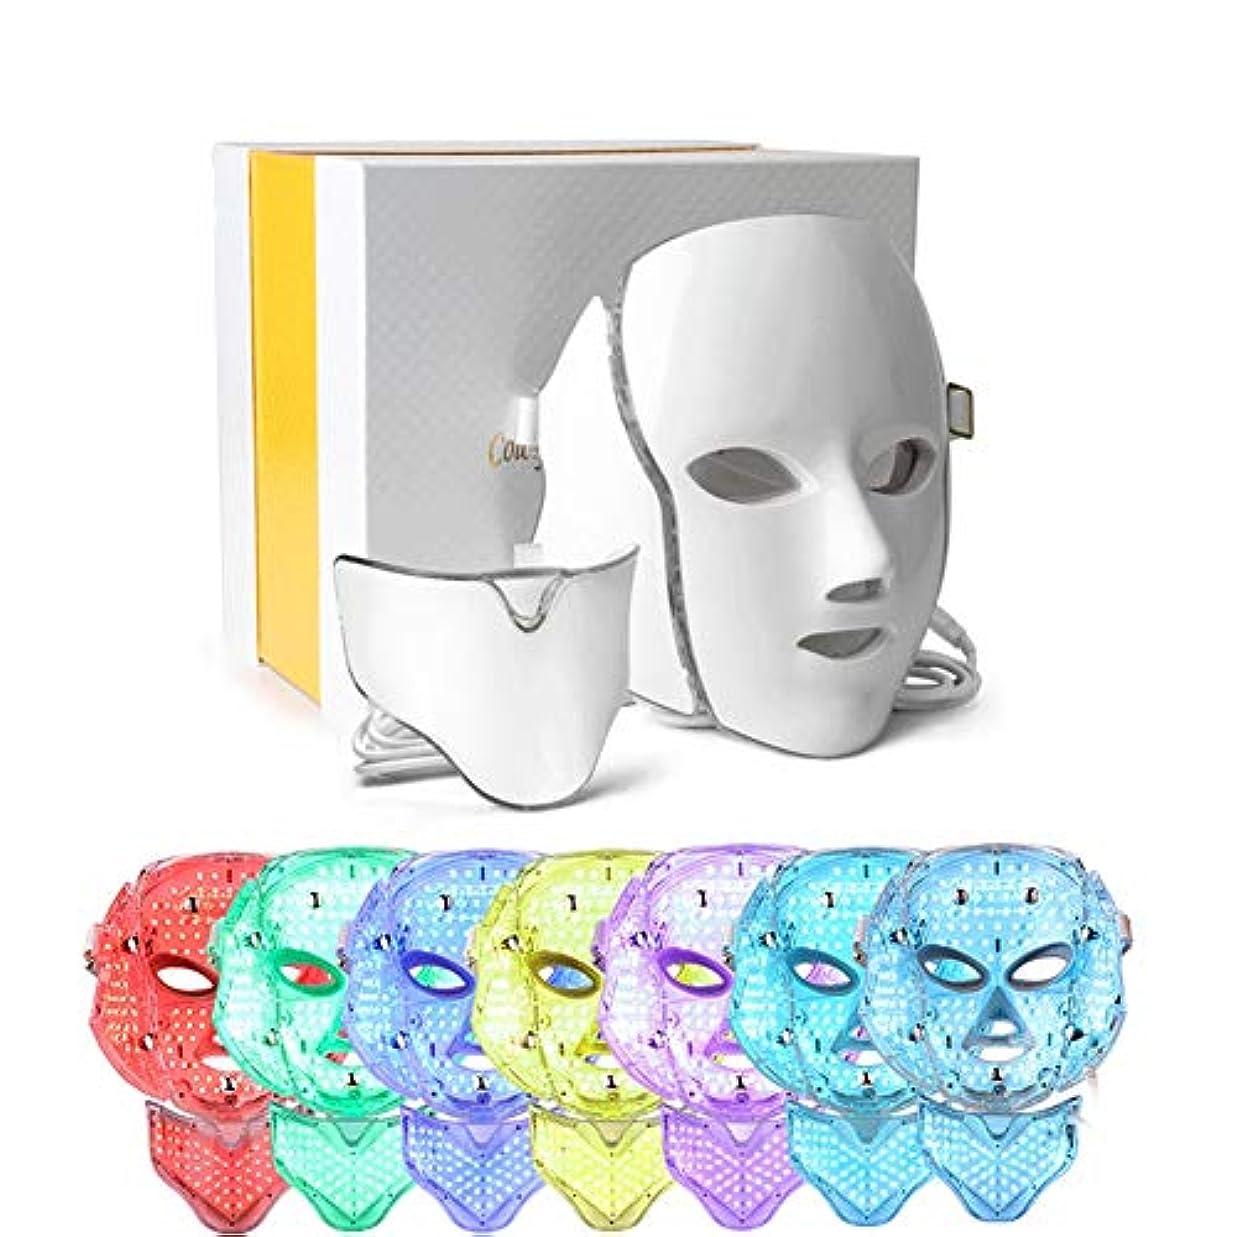 情熱乱用一元化するLEDフォトンセラピー7色光美容光療法治療マスクスキン若返りフェイスマスクPDT、フェイスネックアンチリンクルアクネ除去美容フェイシャルケア